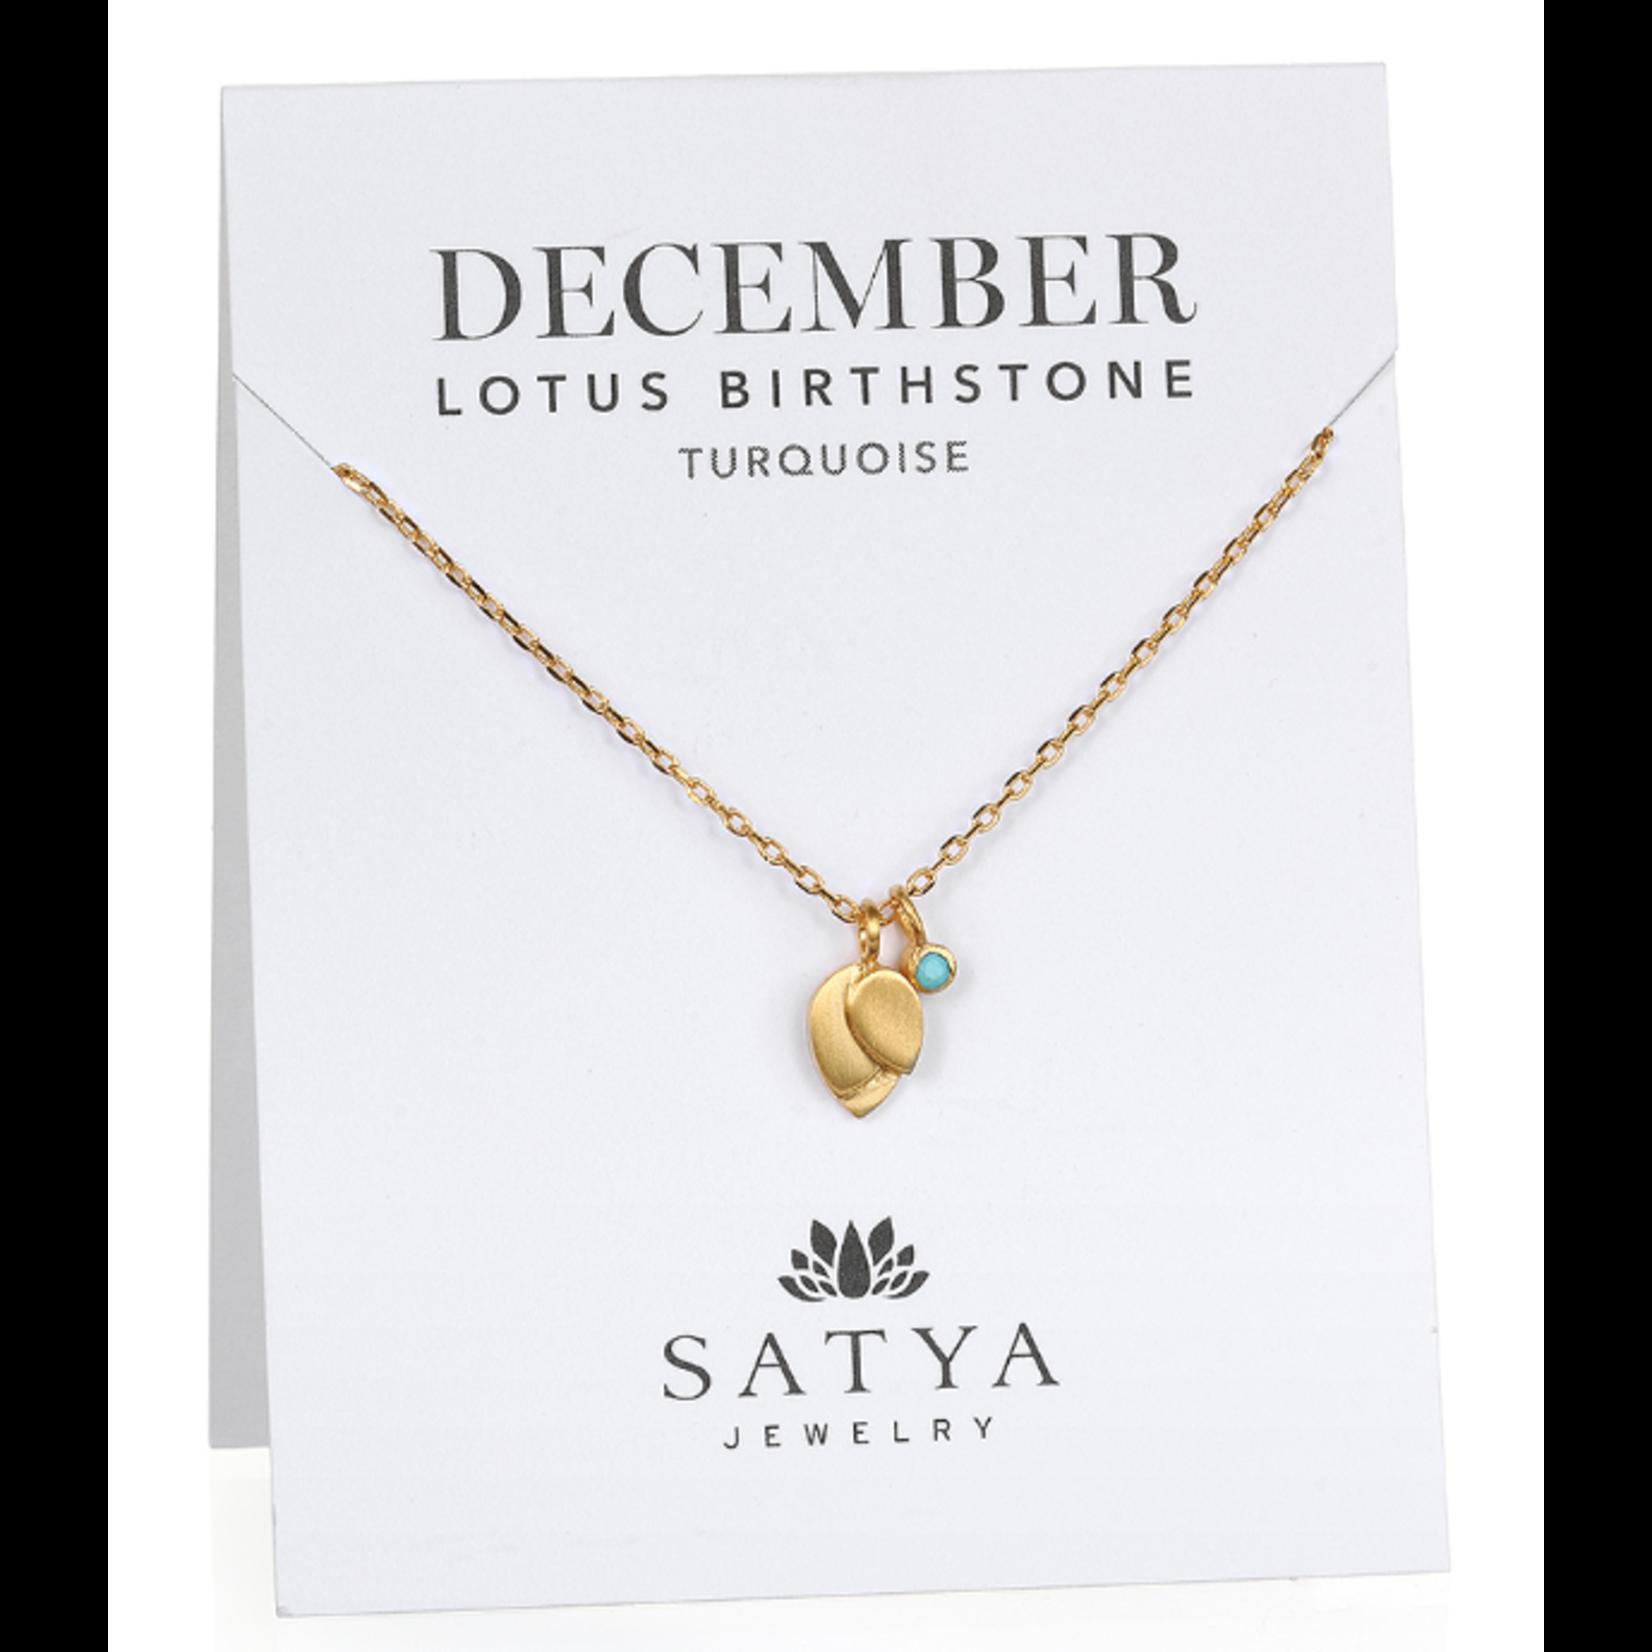 Satya Satya Lotus Leaf Birthstone Necklace- December - Turquoise